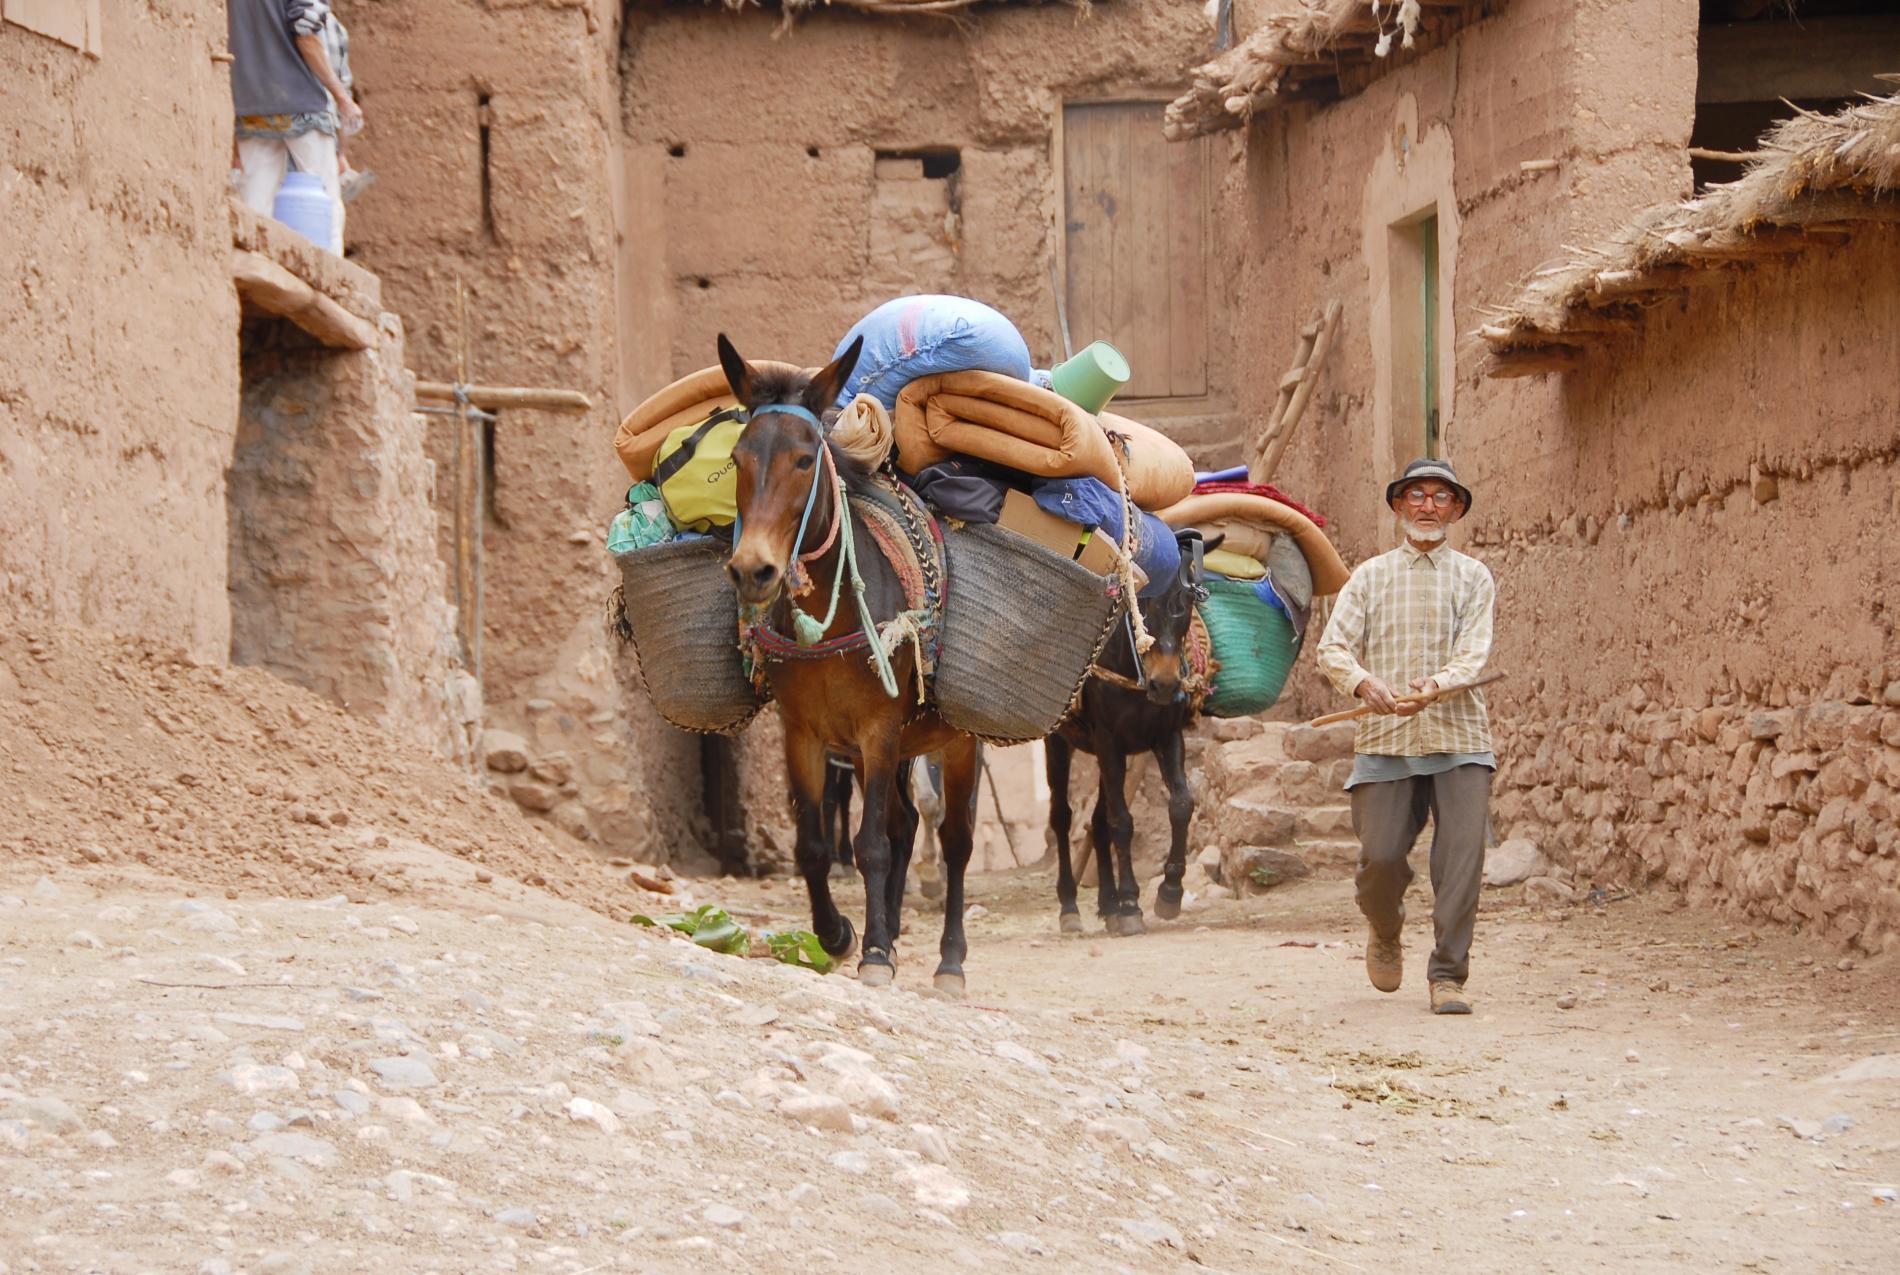 Voyage solidaire Maroc : Vision du Monde - Photo 1